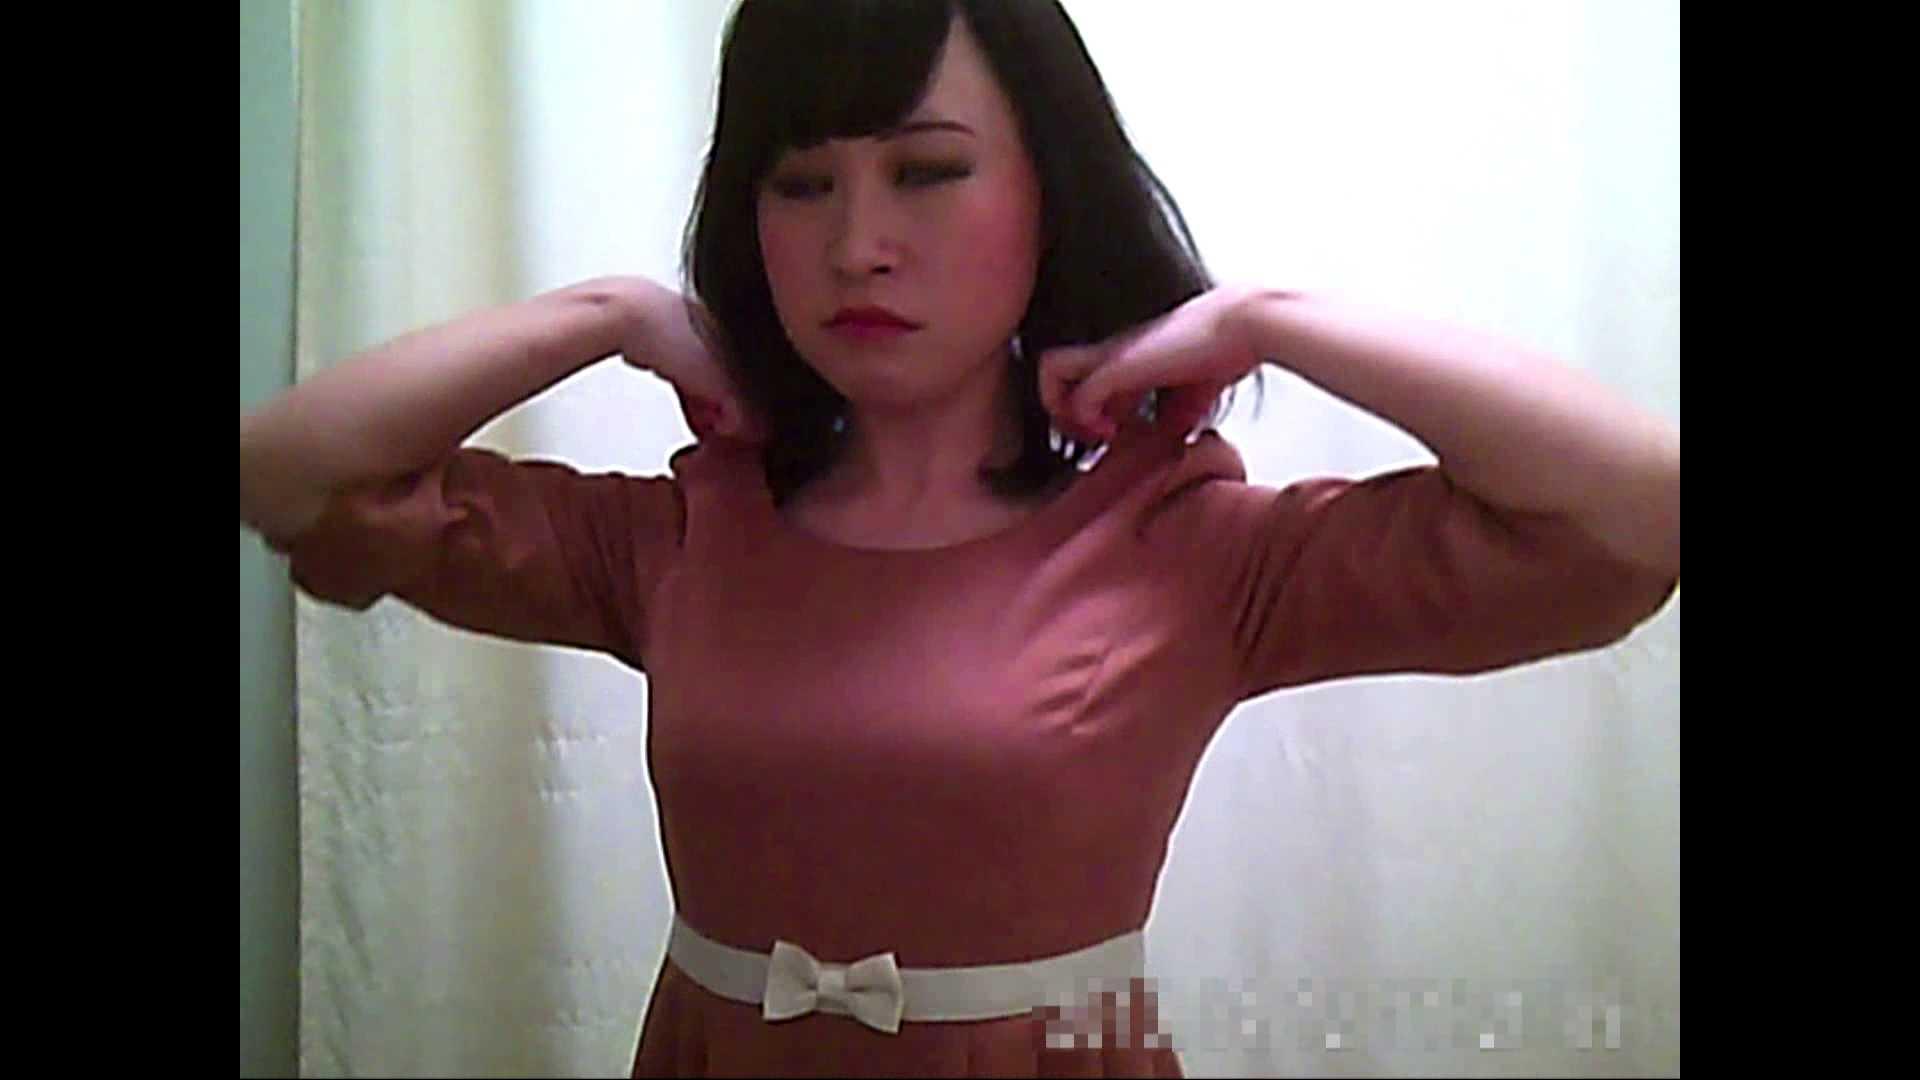 元医者による反抗 更衣室地獄絵巻 vol.096 OL  103pic 85